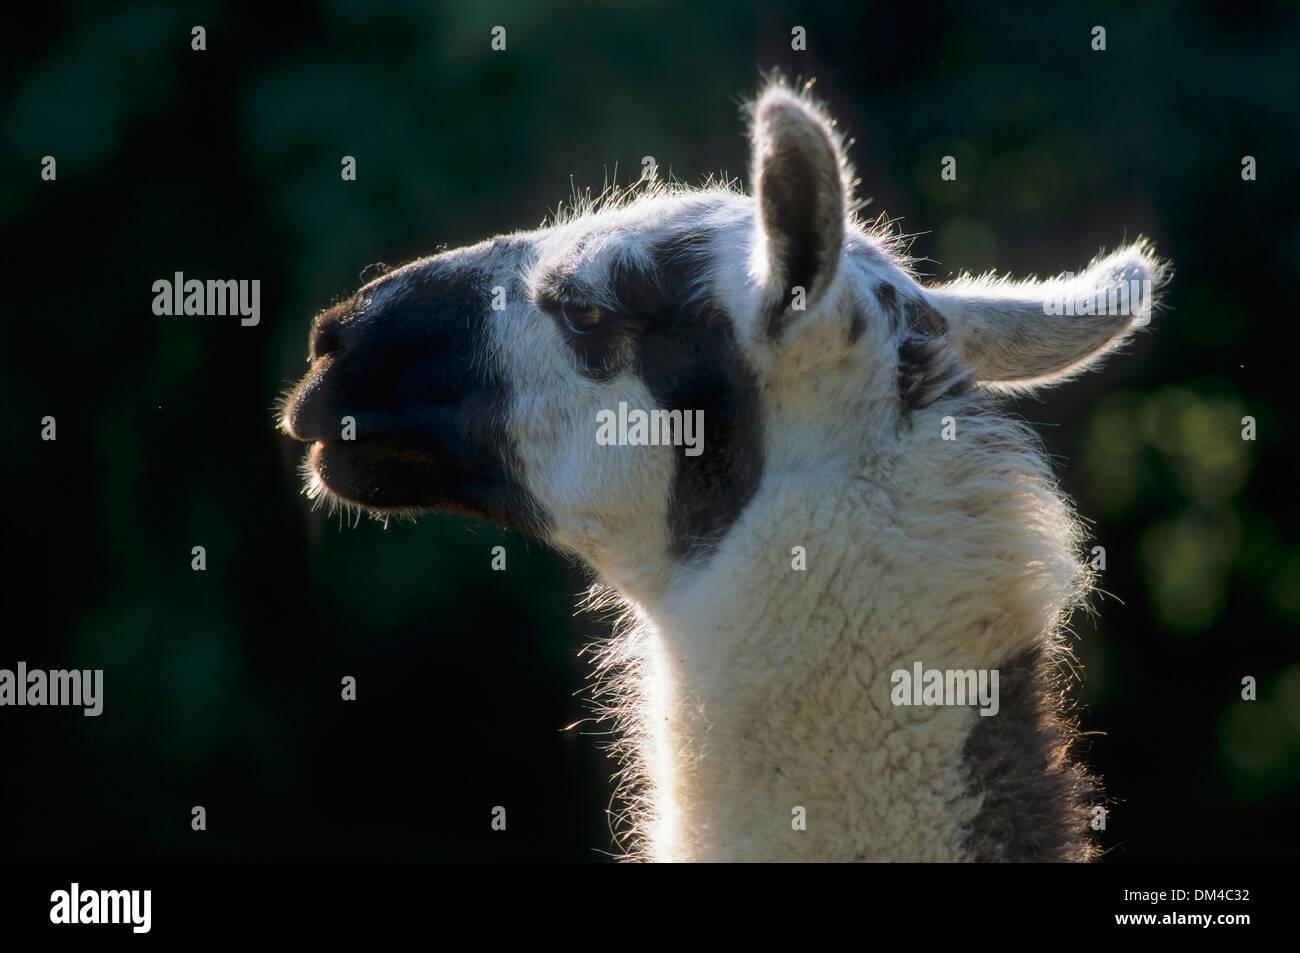 llama (Lama glama), Lama, Porträt, Lama (Lama glama) - Stock Image